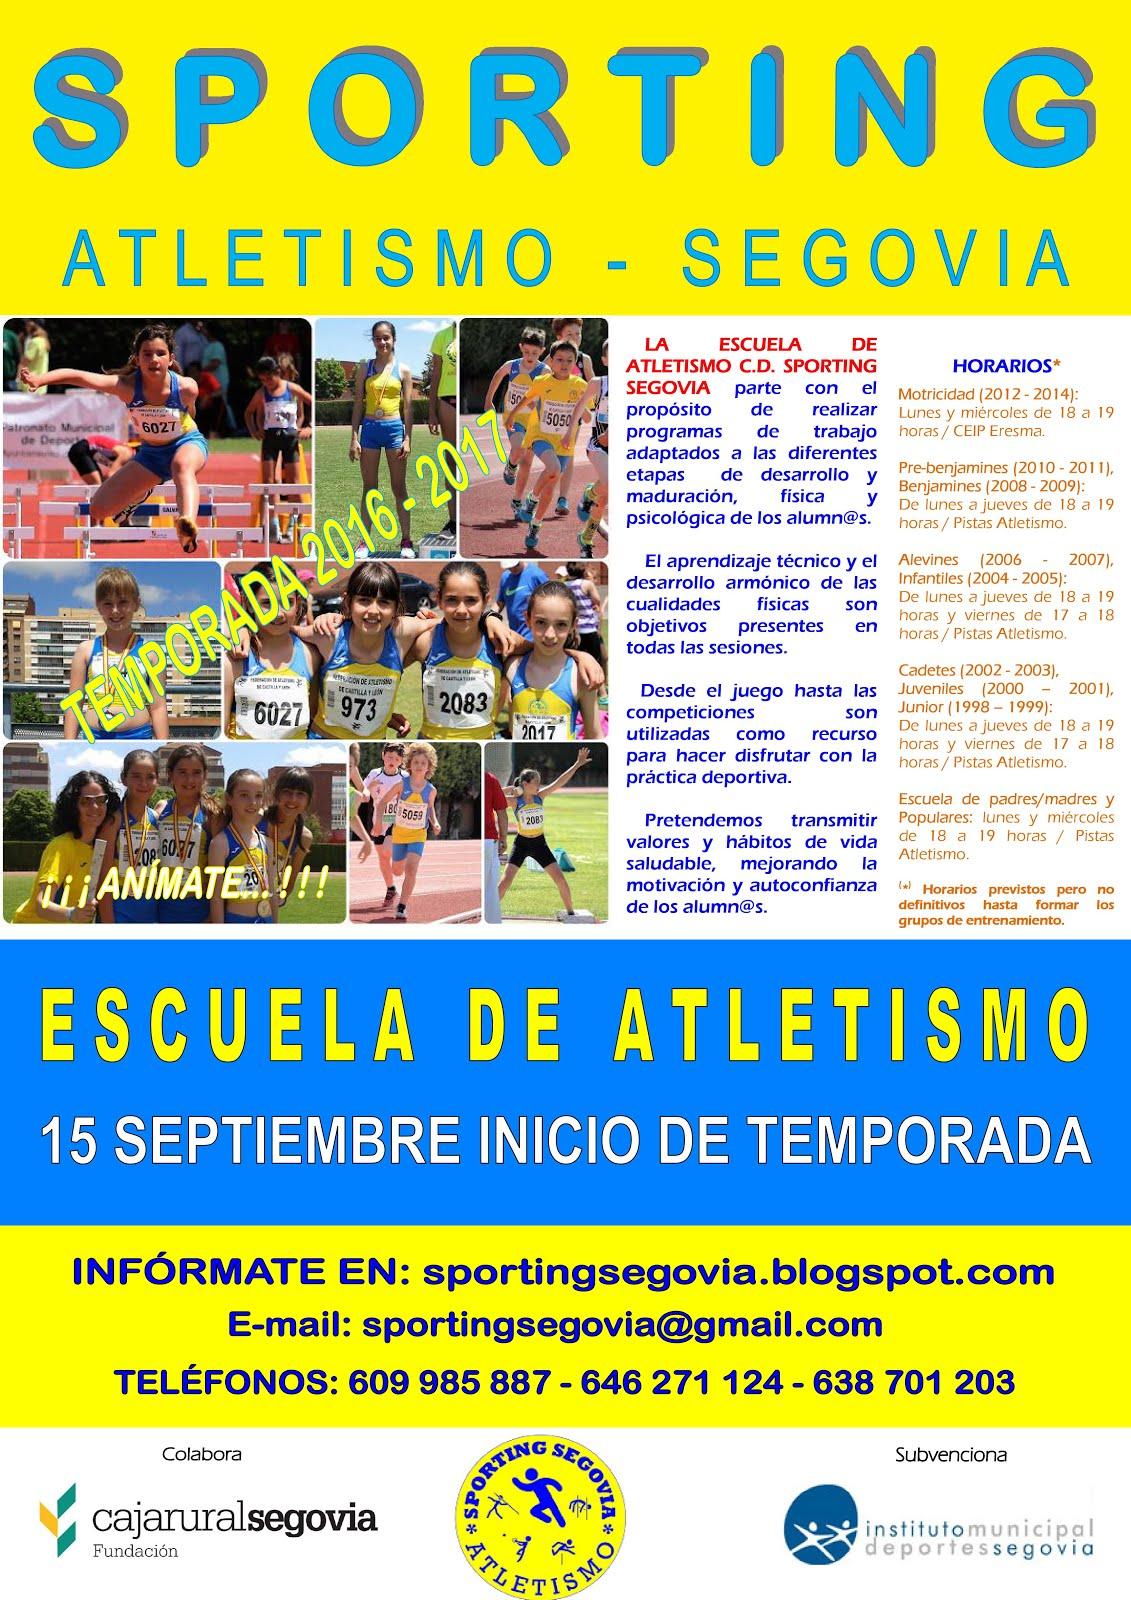 INSCRIPCIÓN 2016/2017. INICIO DE TEMPORADA EL 15 DE SEPTIEMBRE